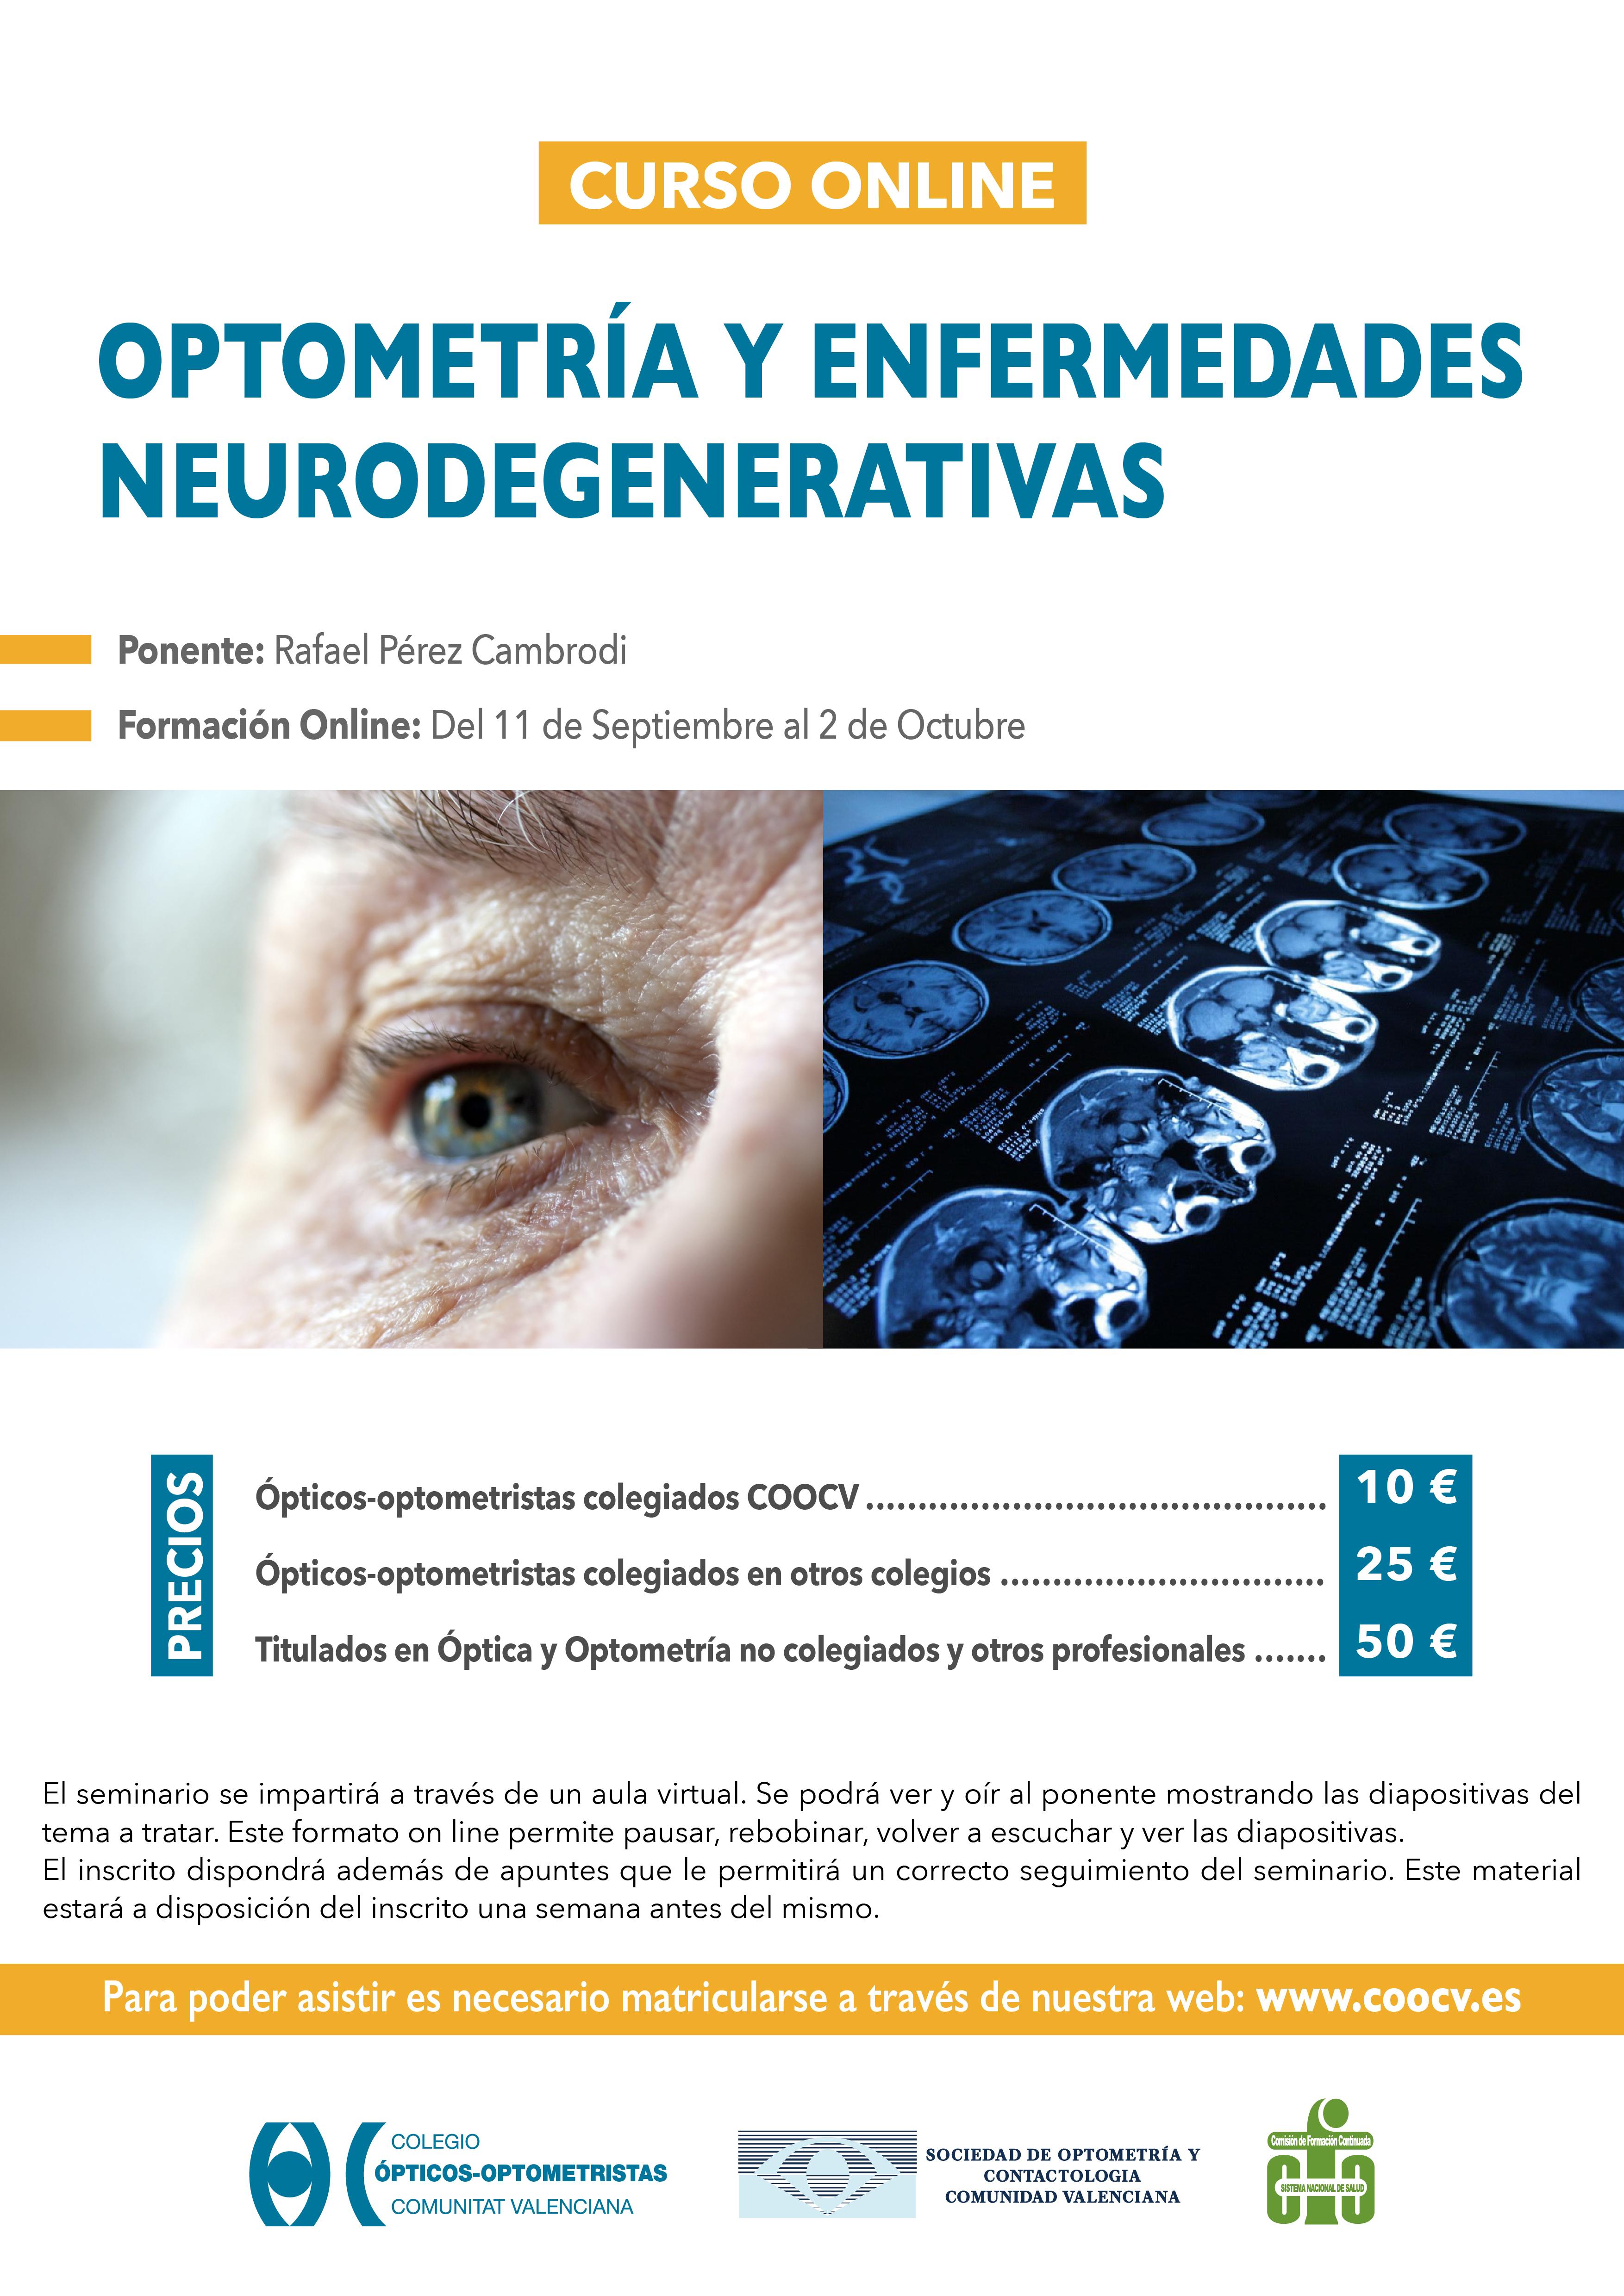 Optometría y enfermedades neurodegenerativas